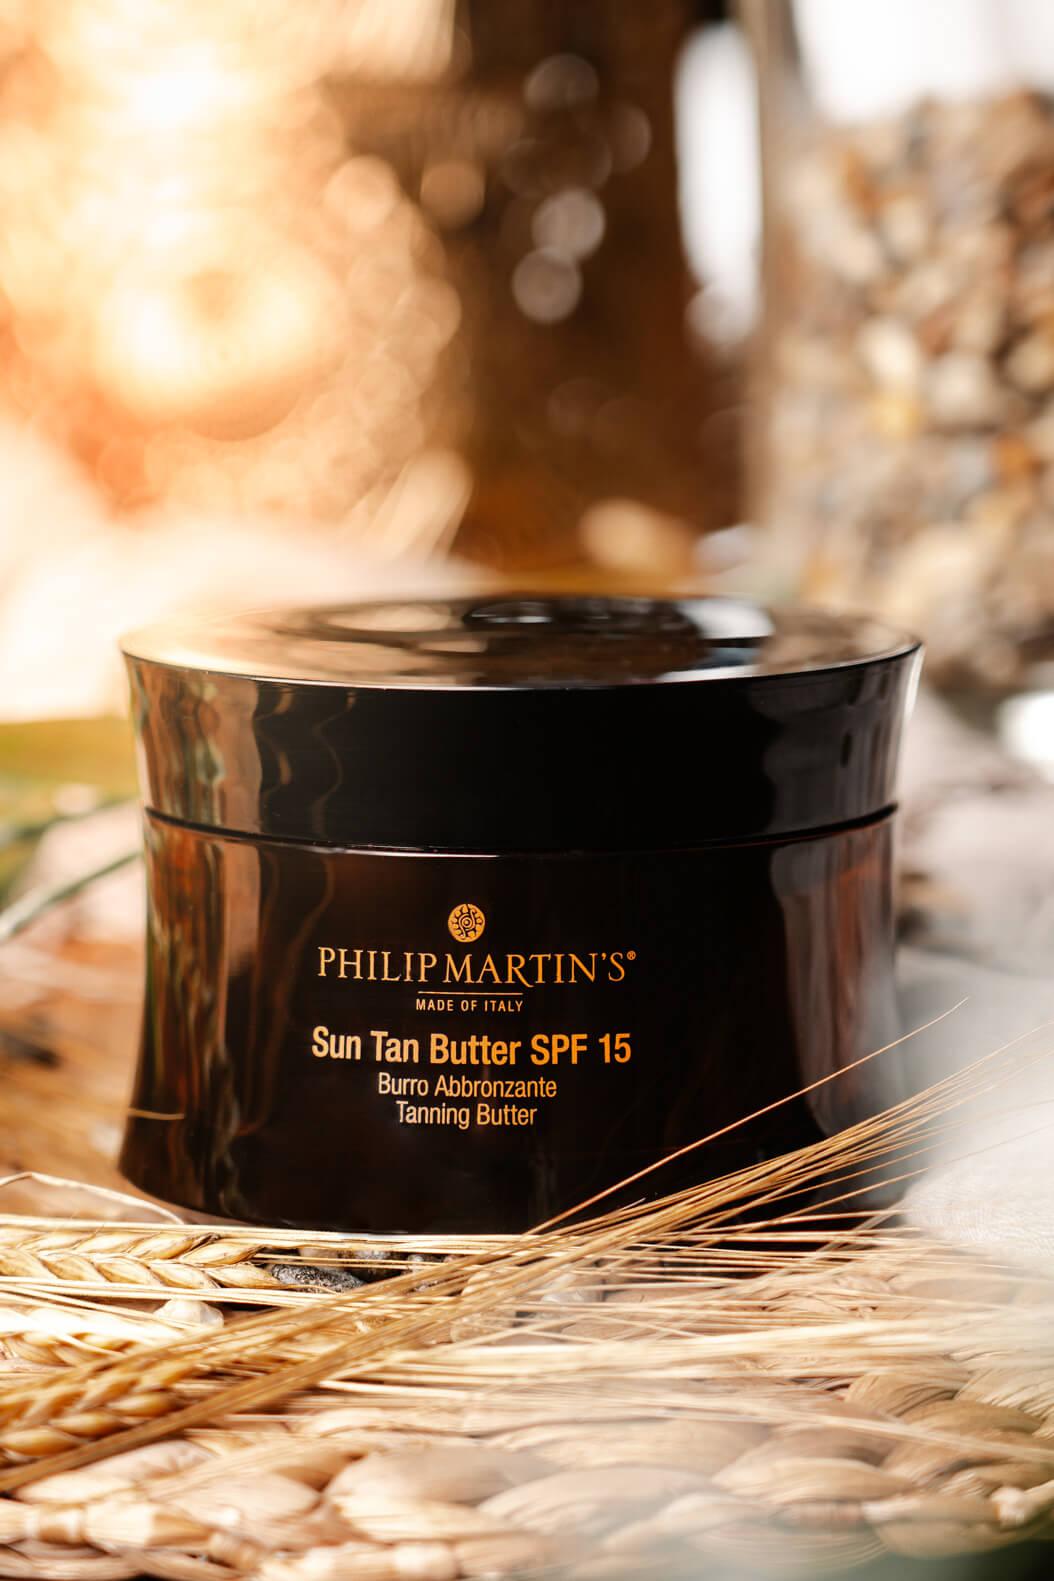 Philip Martin's SUN TAN Butter SPF 15 |Konzept H